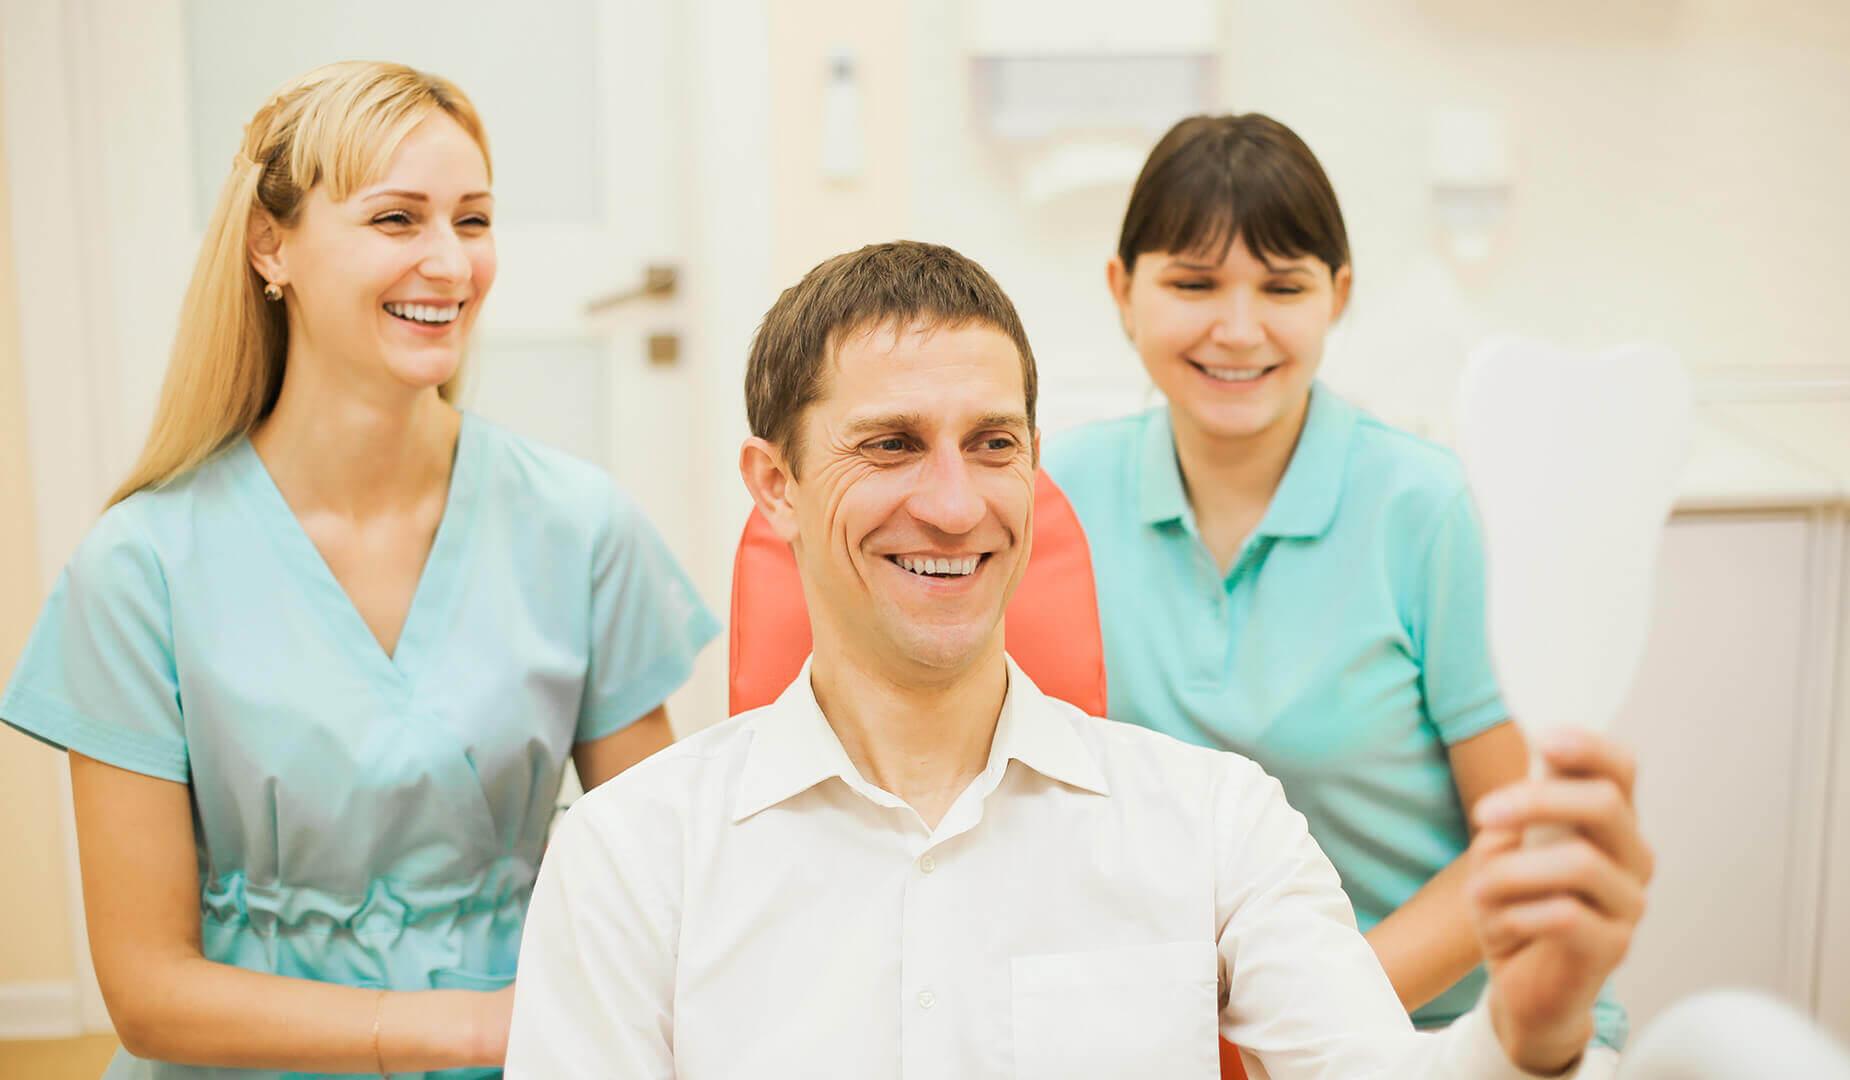 Пациент любуется своей здоровой улыбкой